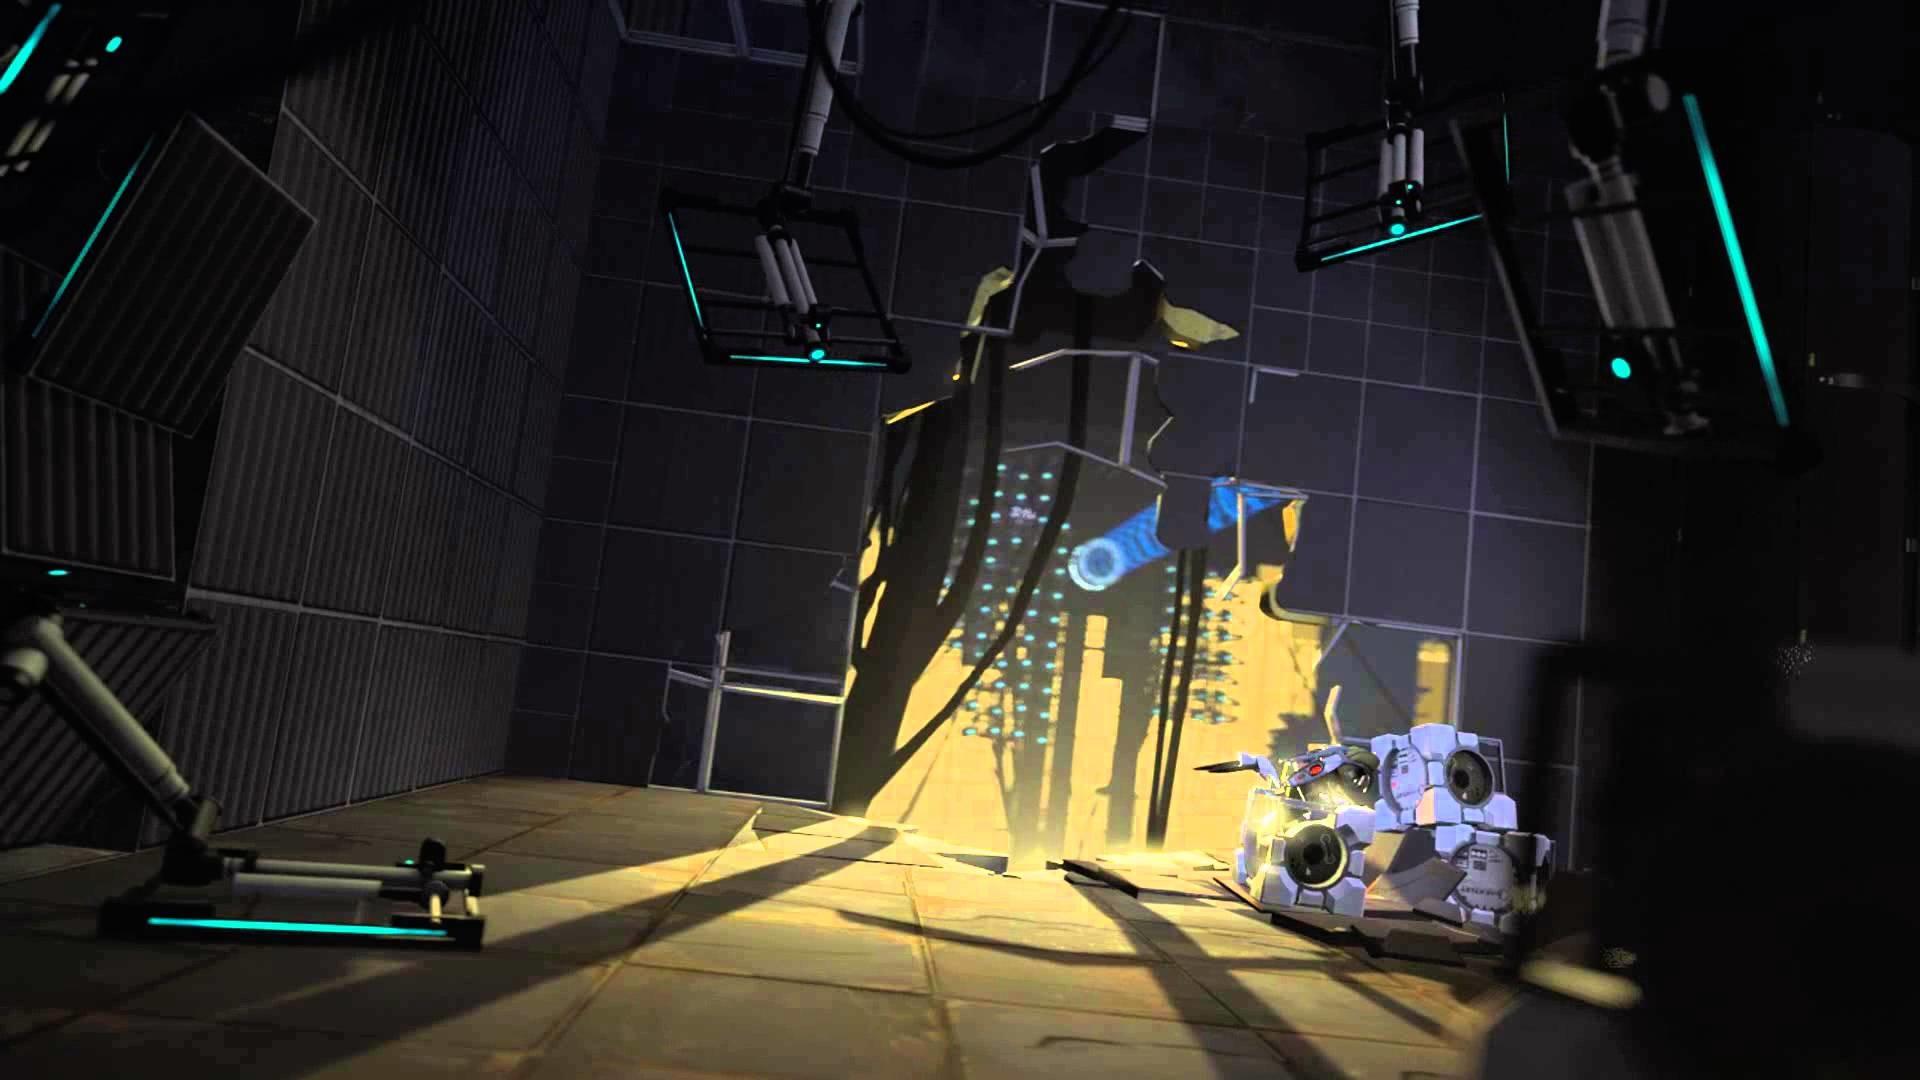 L4D Background – Portal 2 Menu 4 – Mod Left 4 Dead 2